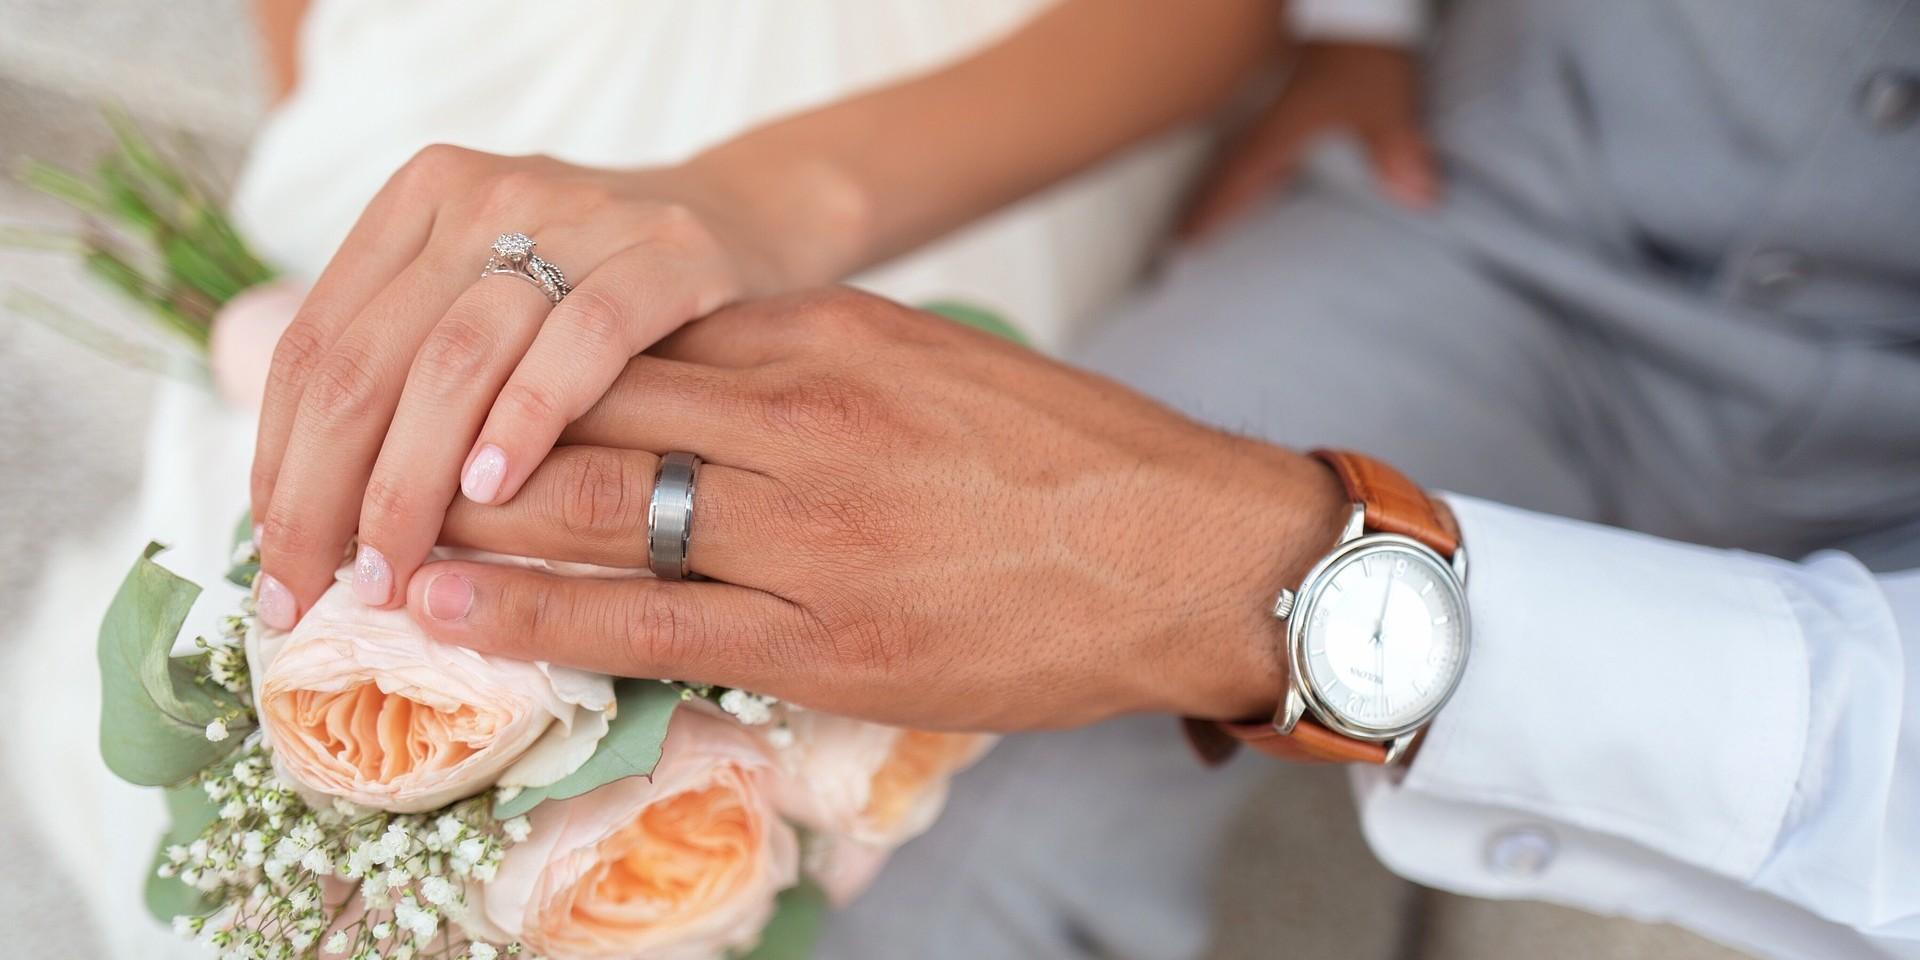 Mladenka tražila da gosti financiraju vjenčanje, a oni koji su to odbili nisu smjeli doći